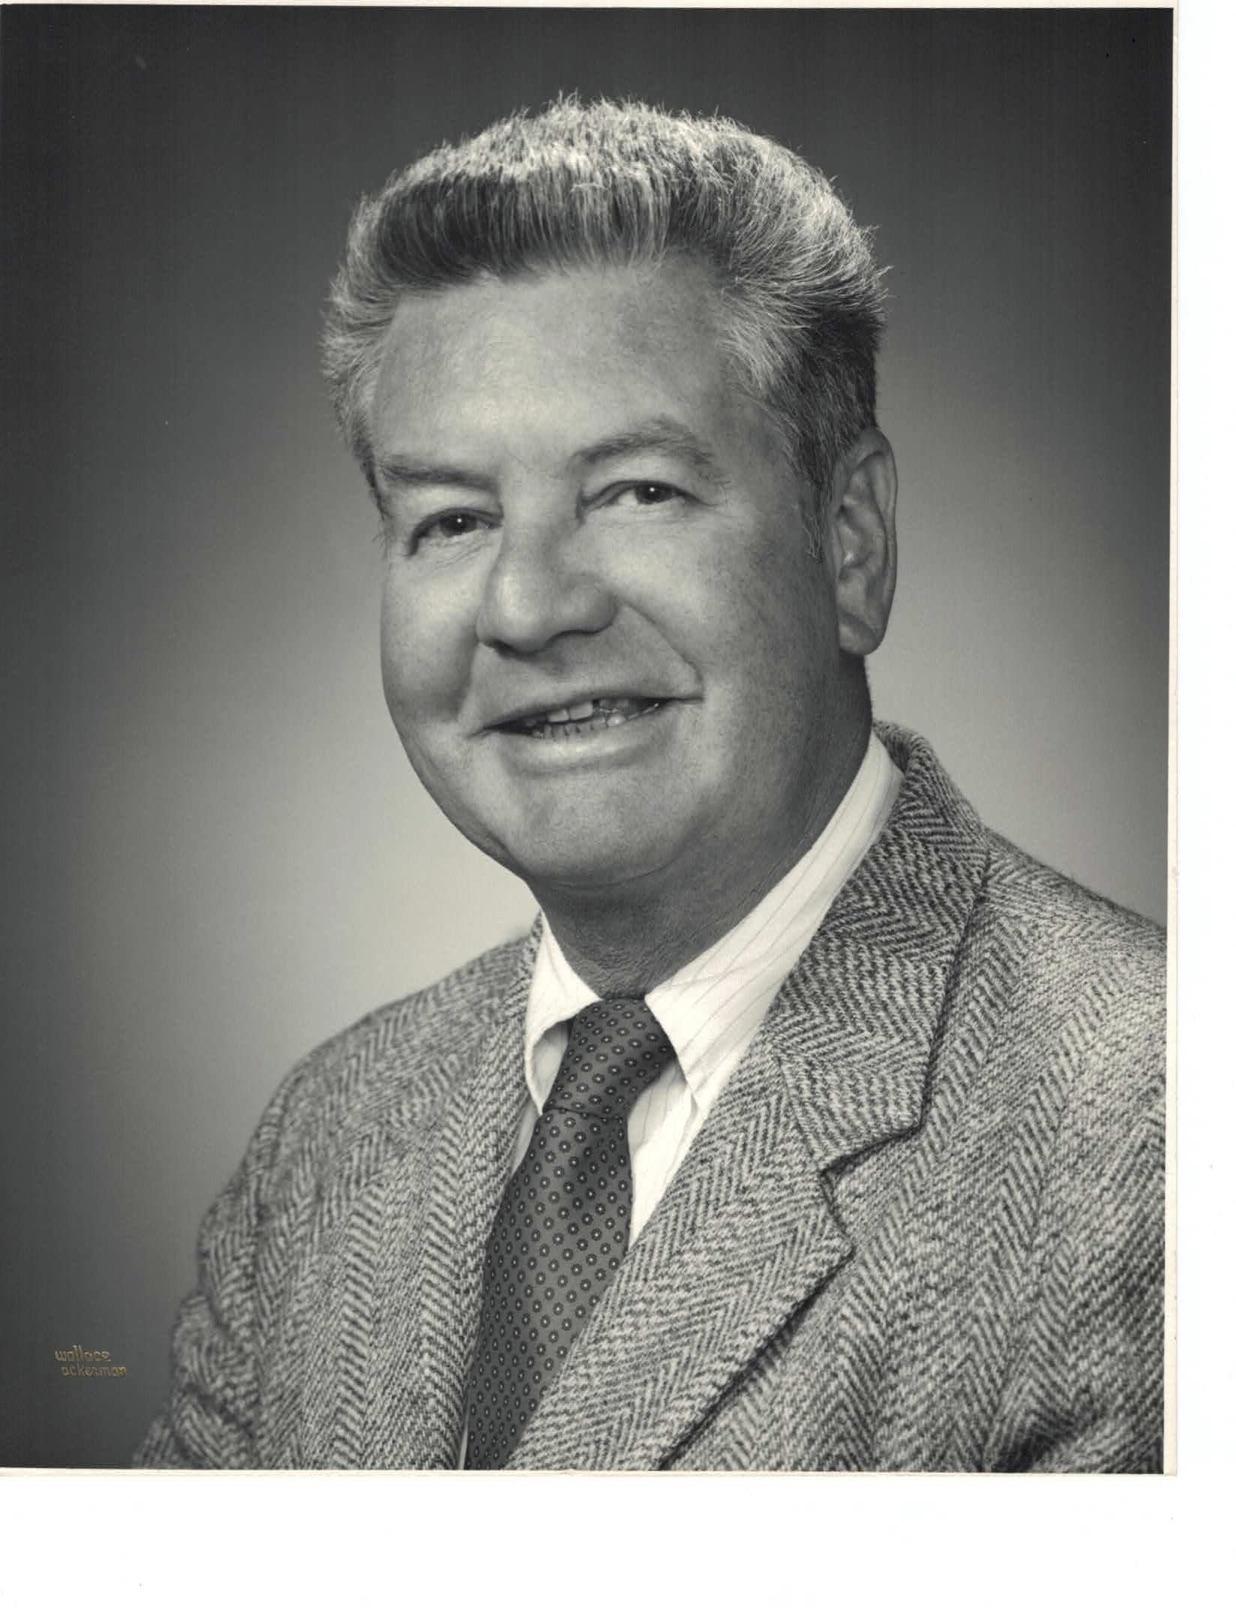 WILLIAM M. BARR 1989-90